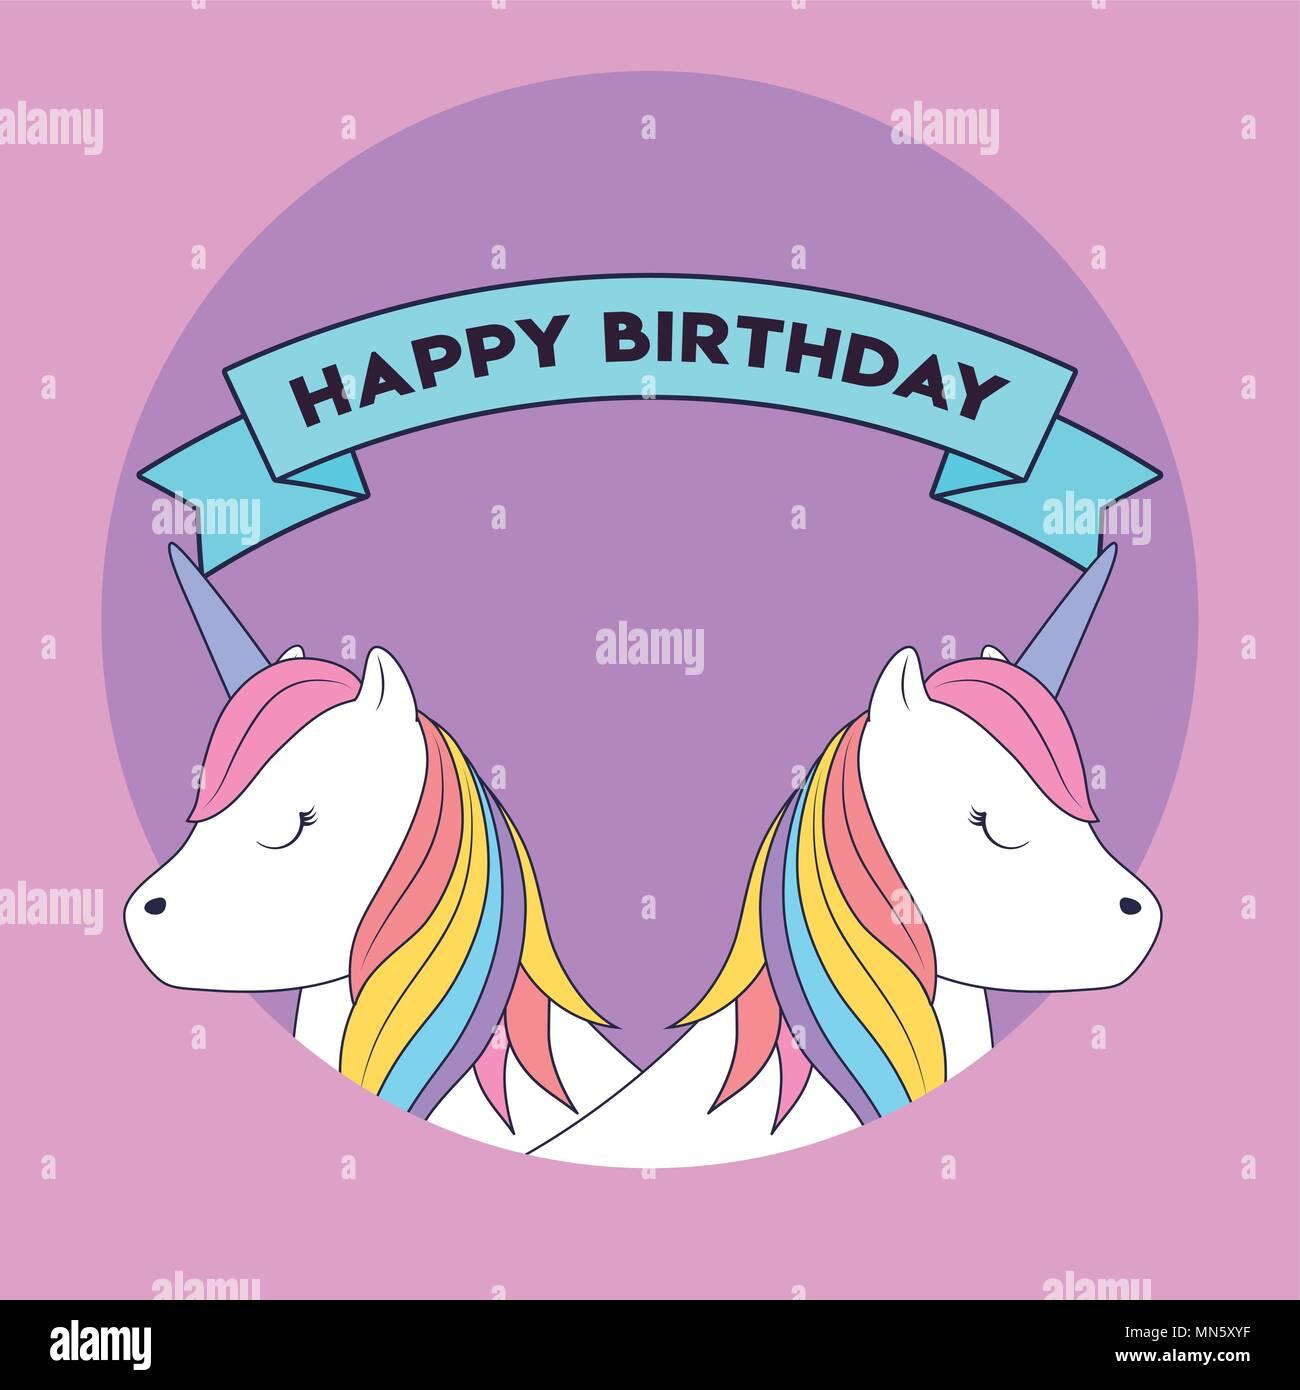 Buon compleanno design con graziosi unicorns icona e nastro decorativo su sfondo viola, design colorato. illustrazione vettoriale Immagini Stock